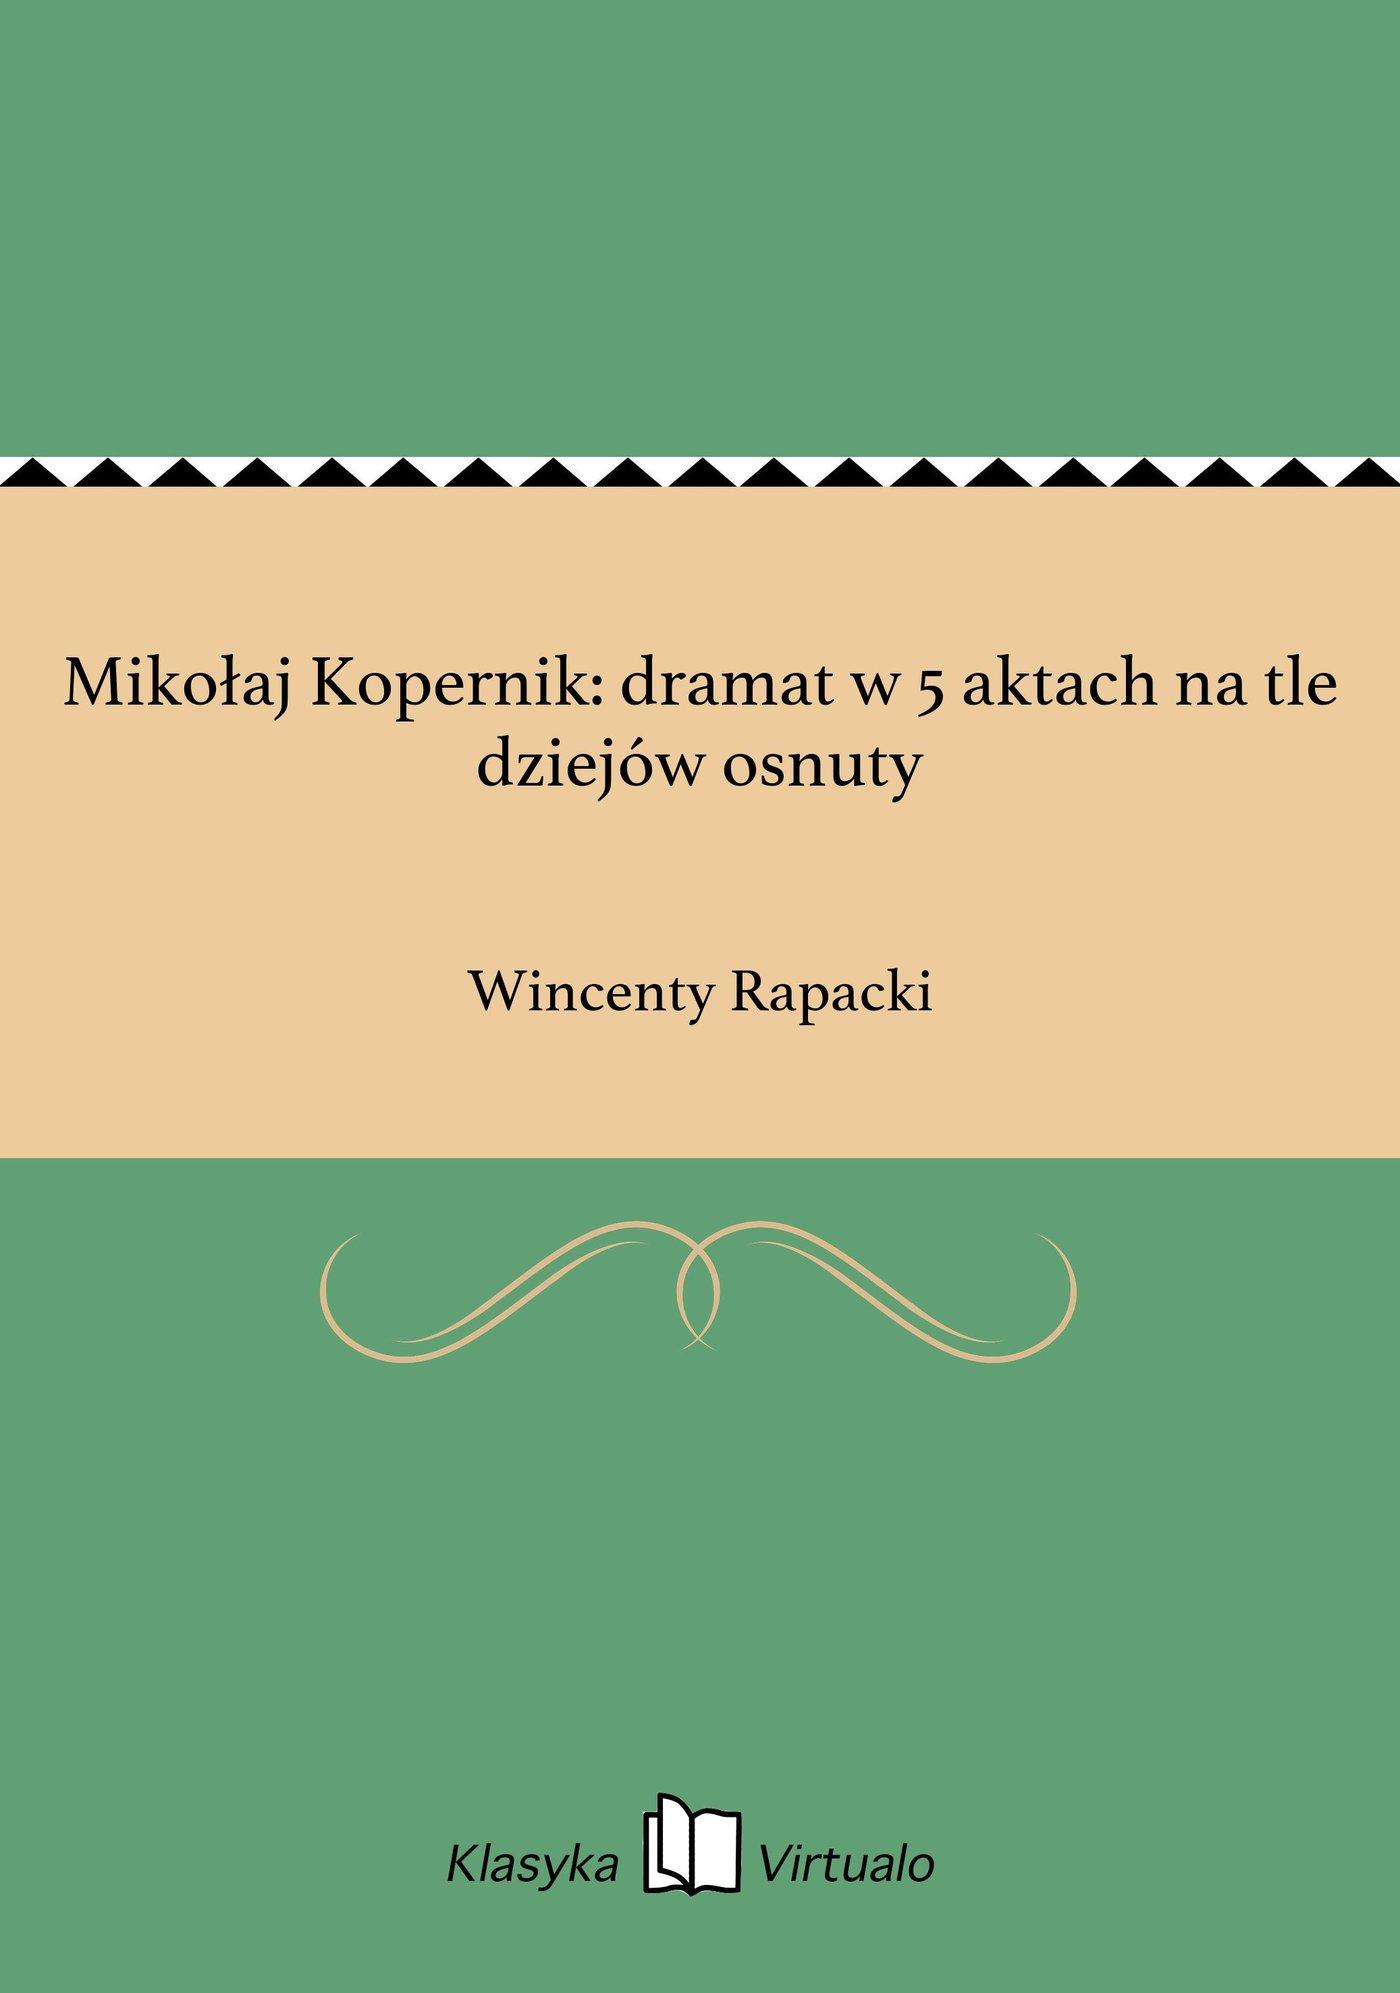 Mikołaj Kopernik: dramat w 5 aktach na tle dziejów osnuty - Ebook (Książka EPUB) do pobrania w formacie EPUB